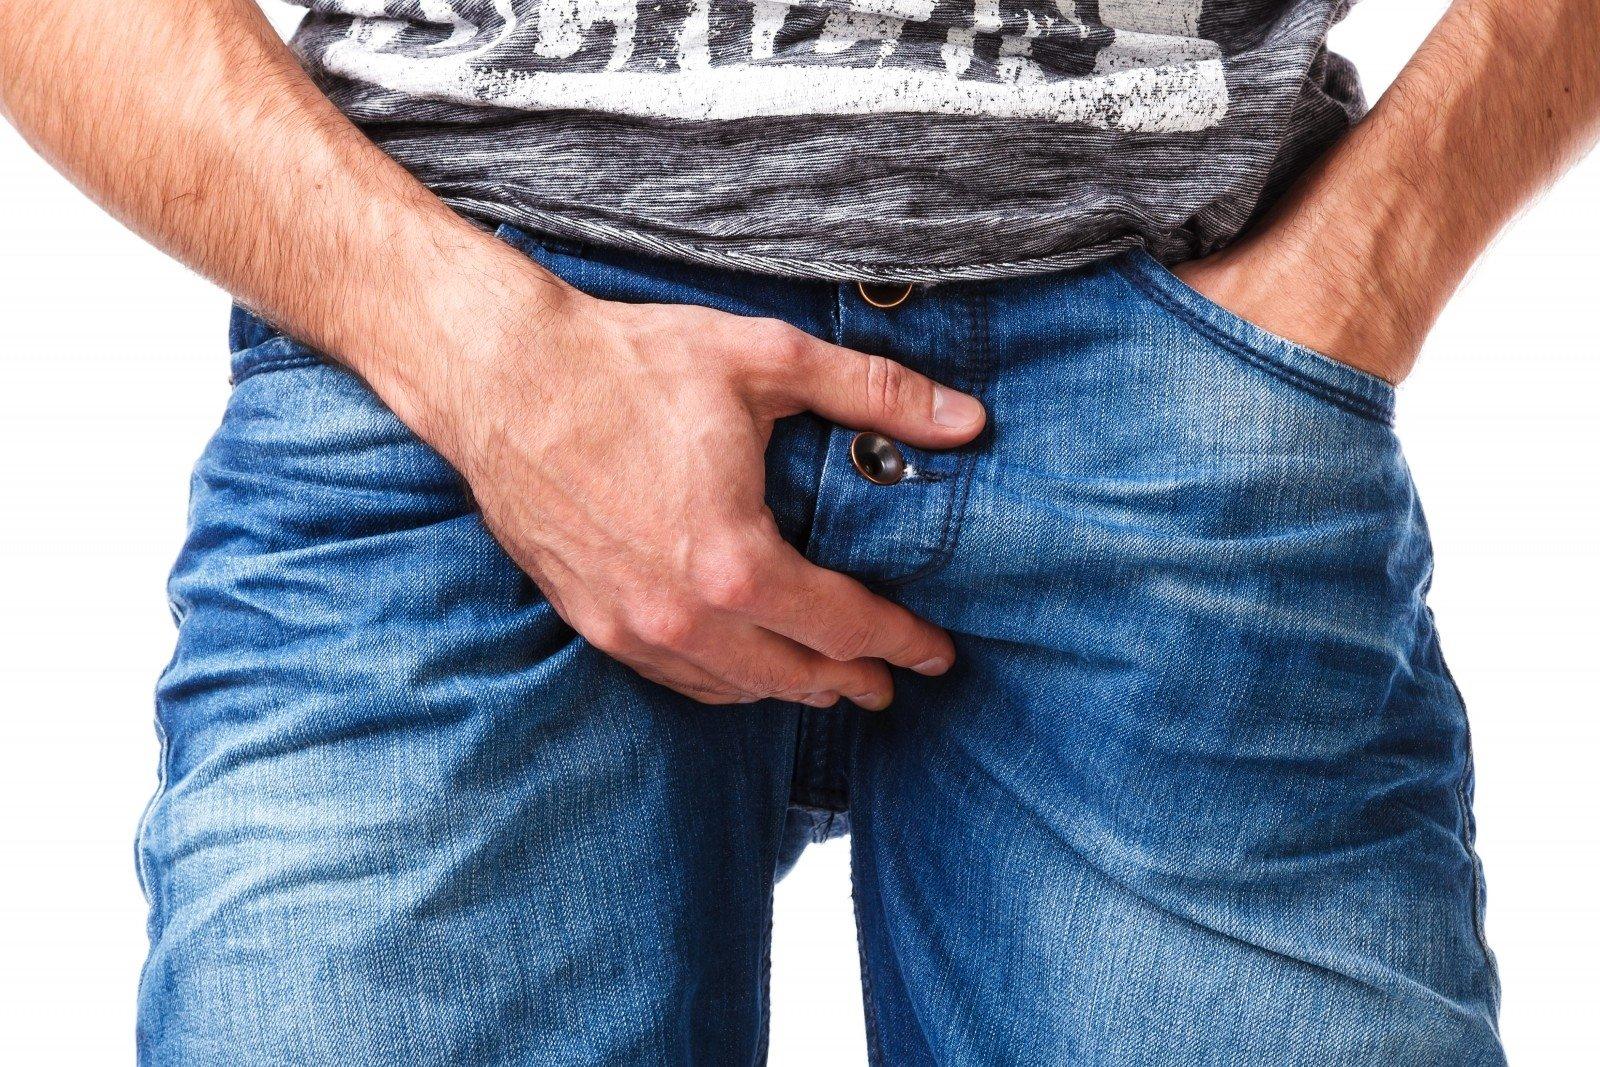 susijaudinimo ir erekcijos mechanizmas nori varpos nemokamai